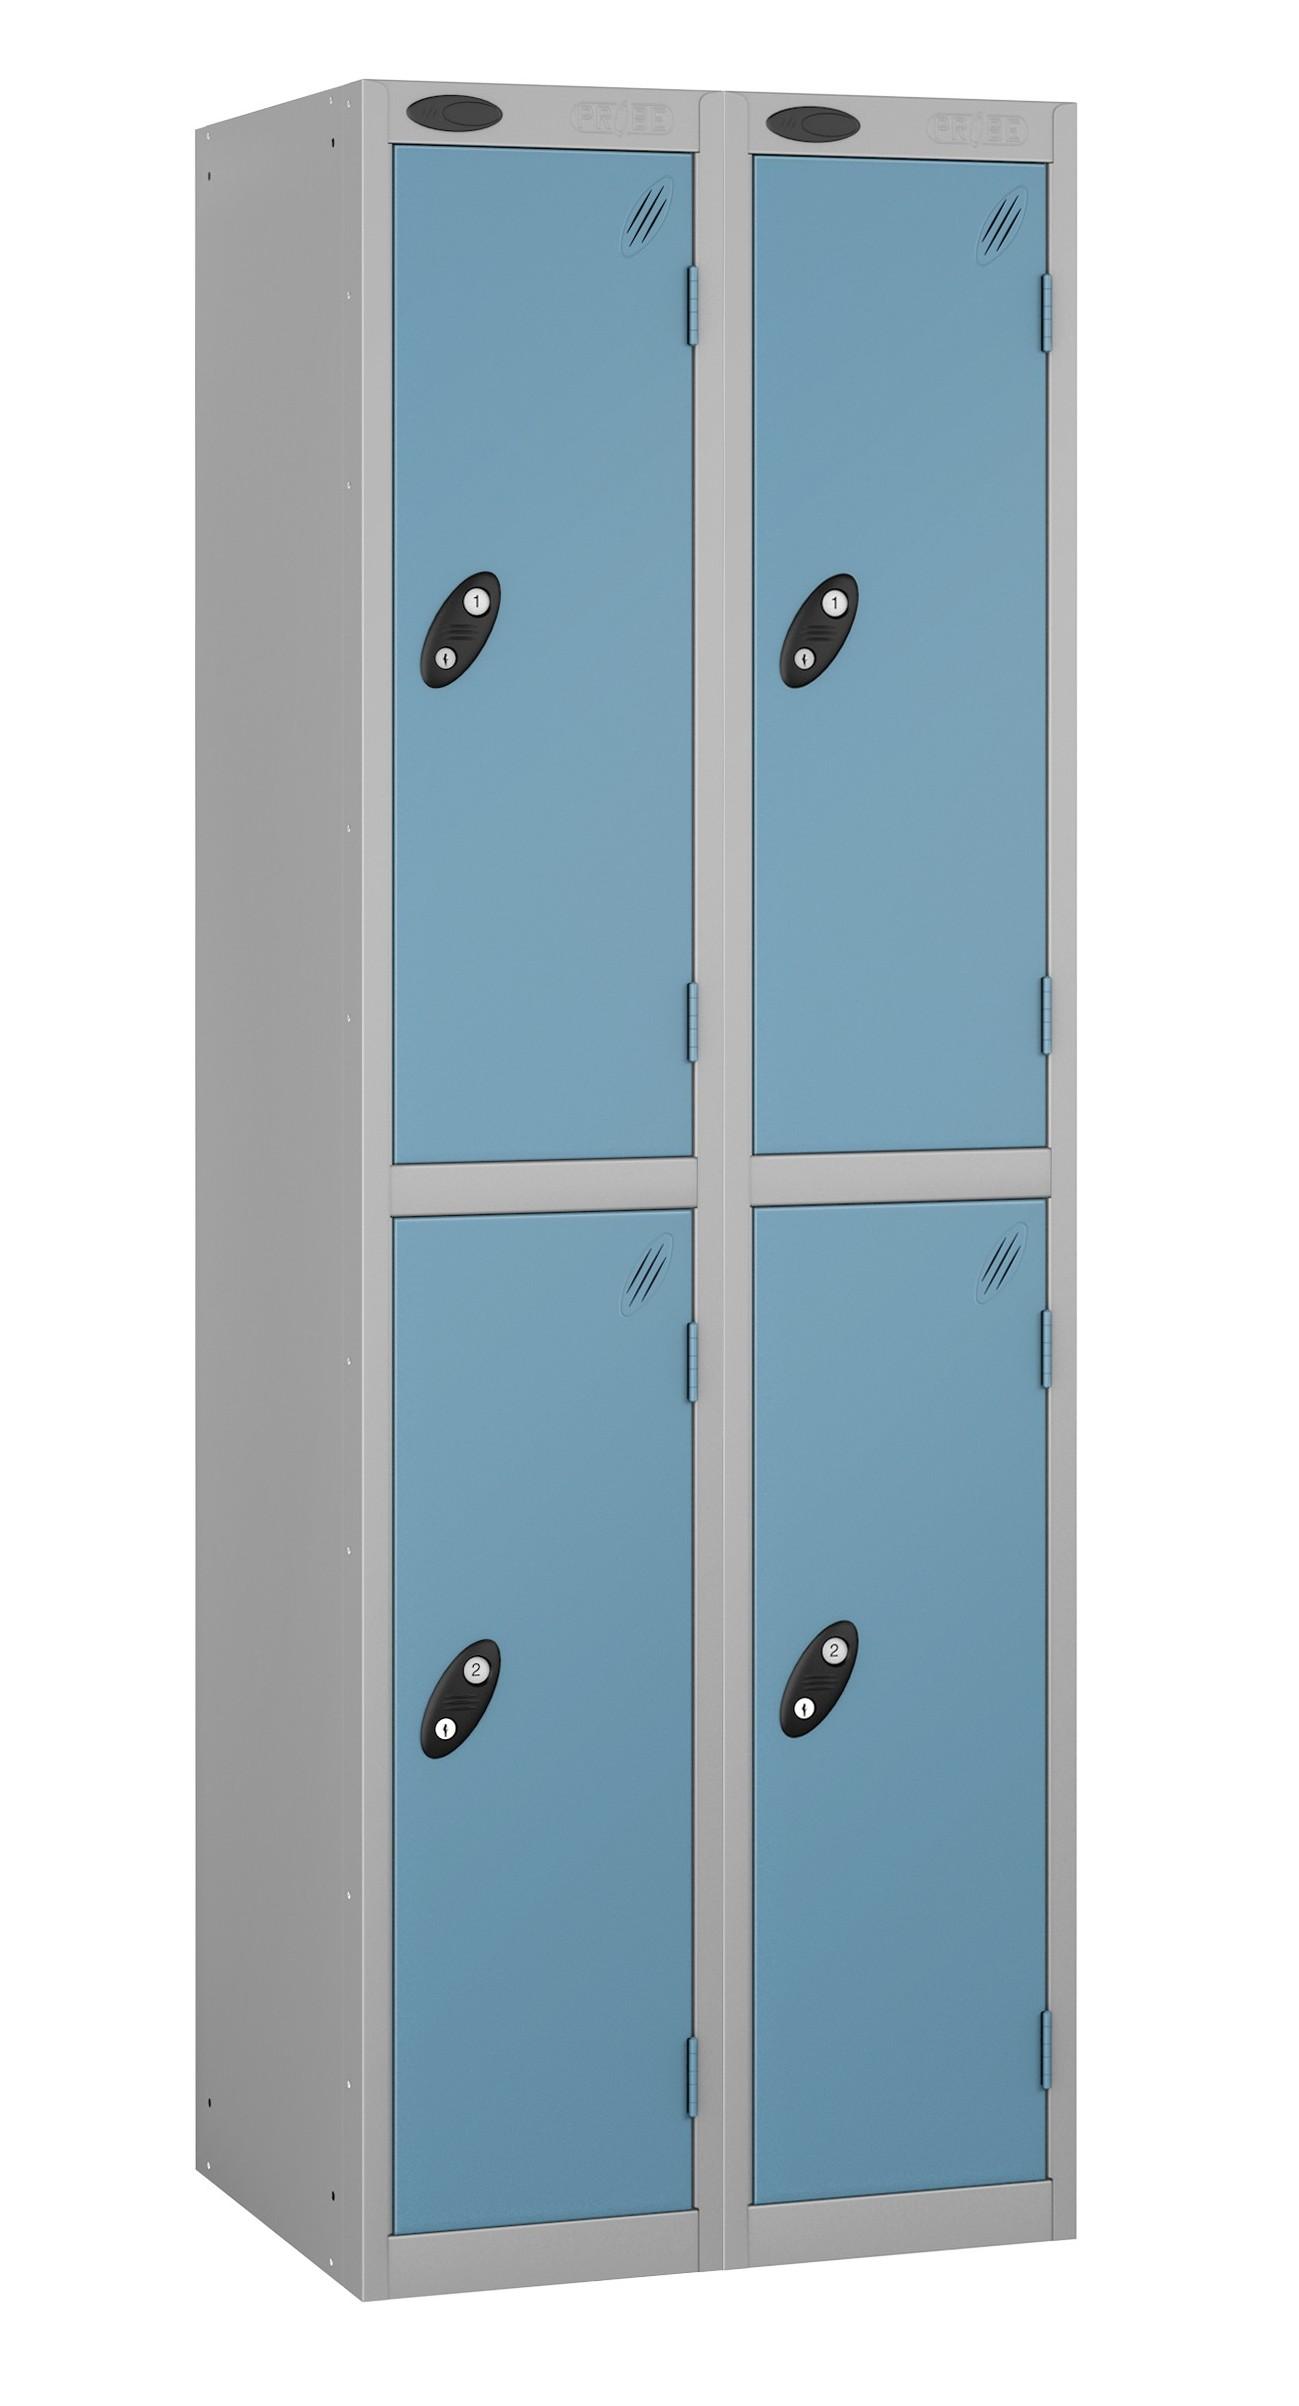 Colour Range Two Doors Locker - Nest of 2